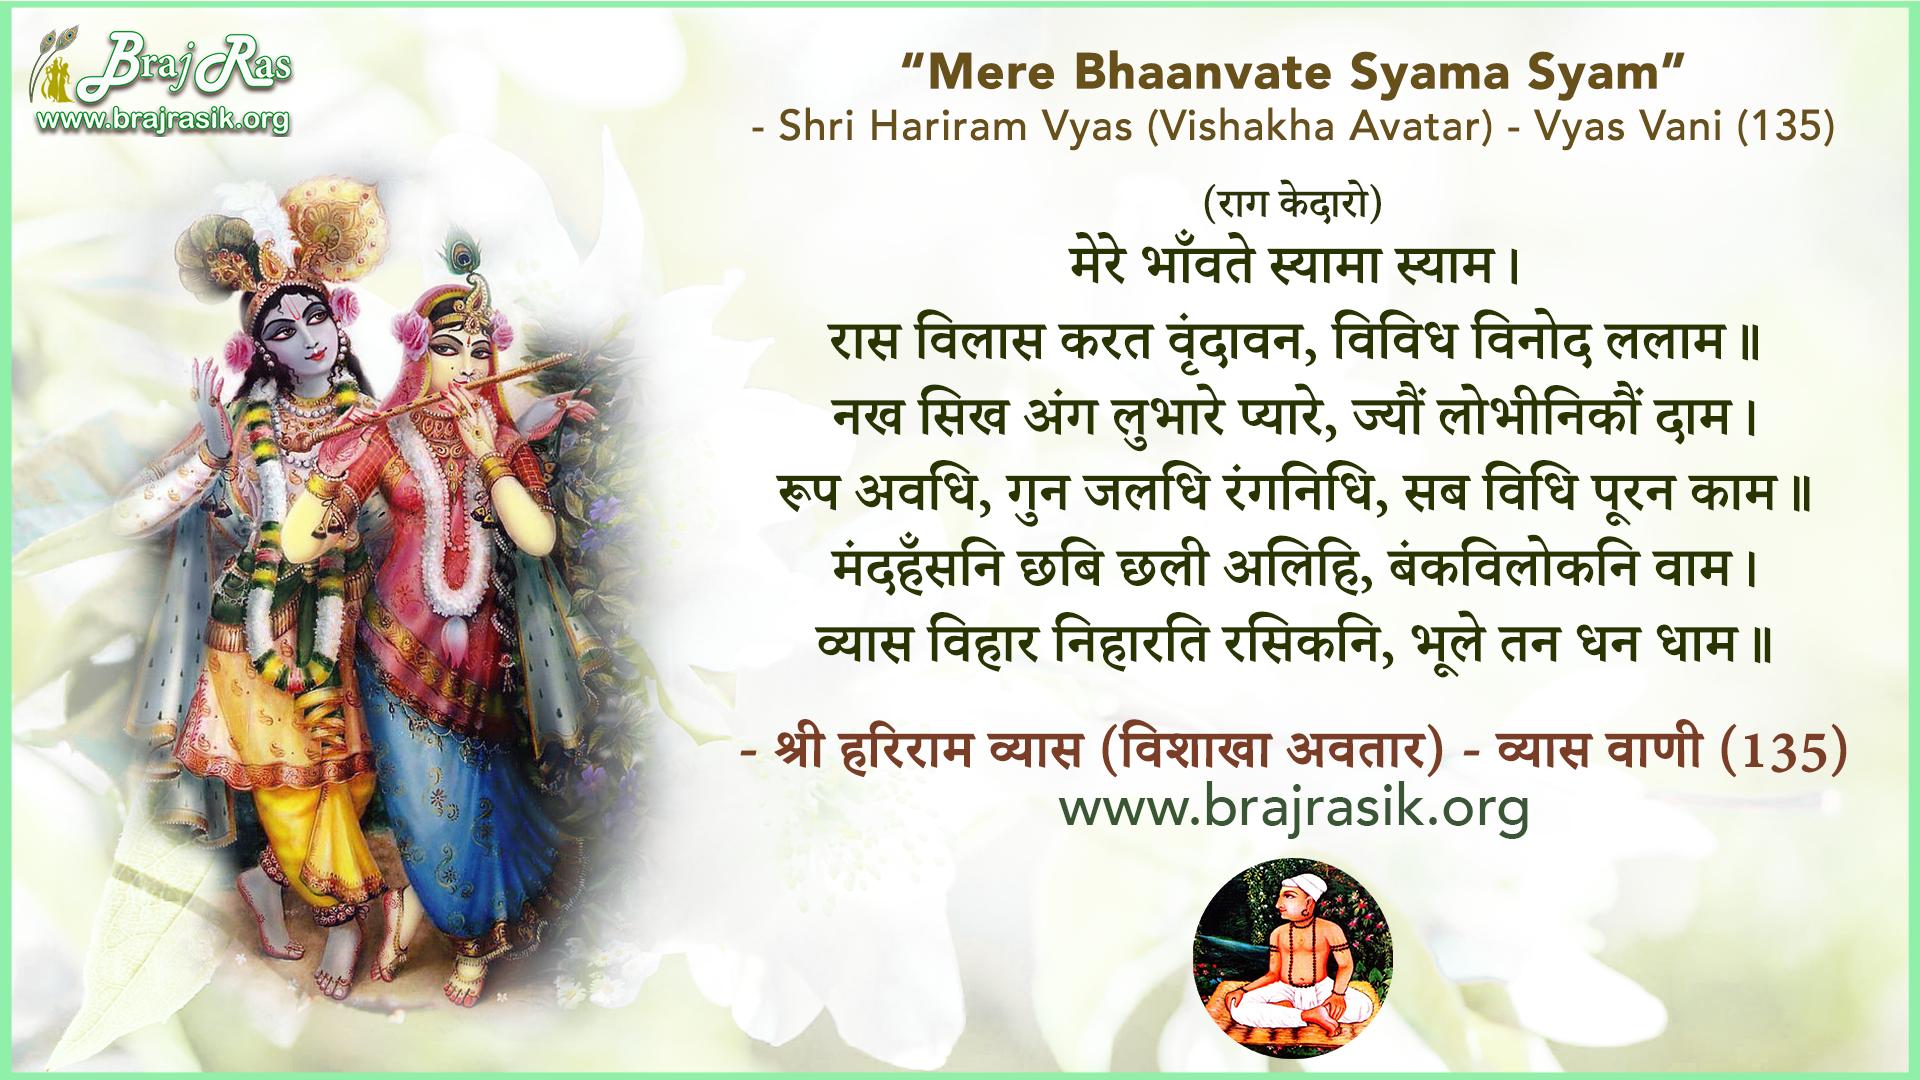 Mere Bhaanvate Syama Syam - Shri Hariram Vyas (Vishakha Avatar) - Vyas Vani (135)